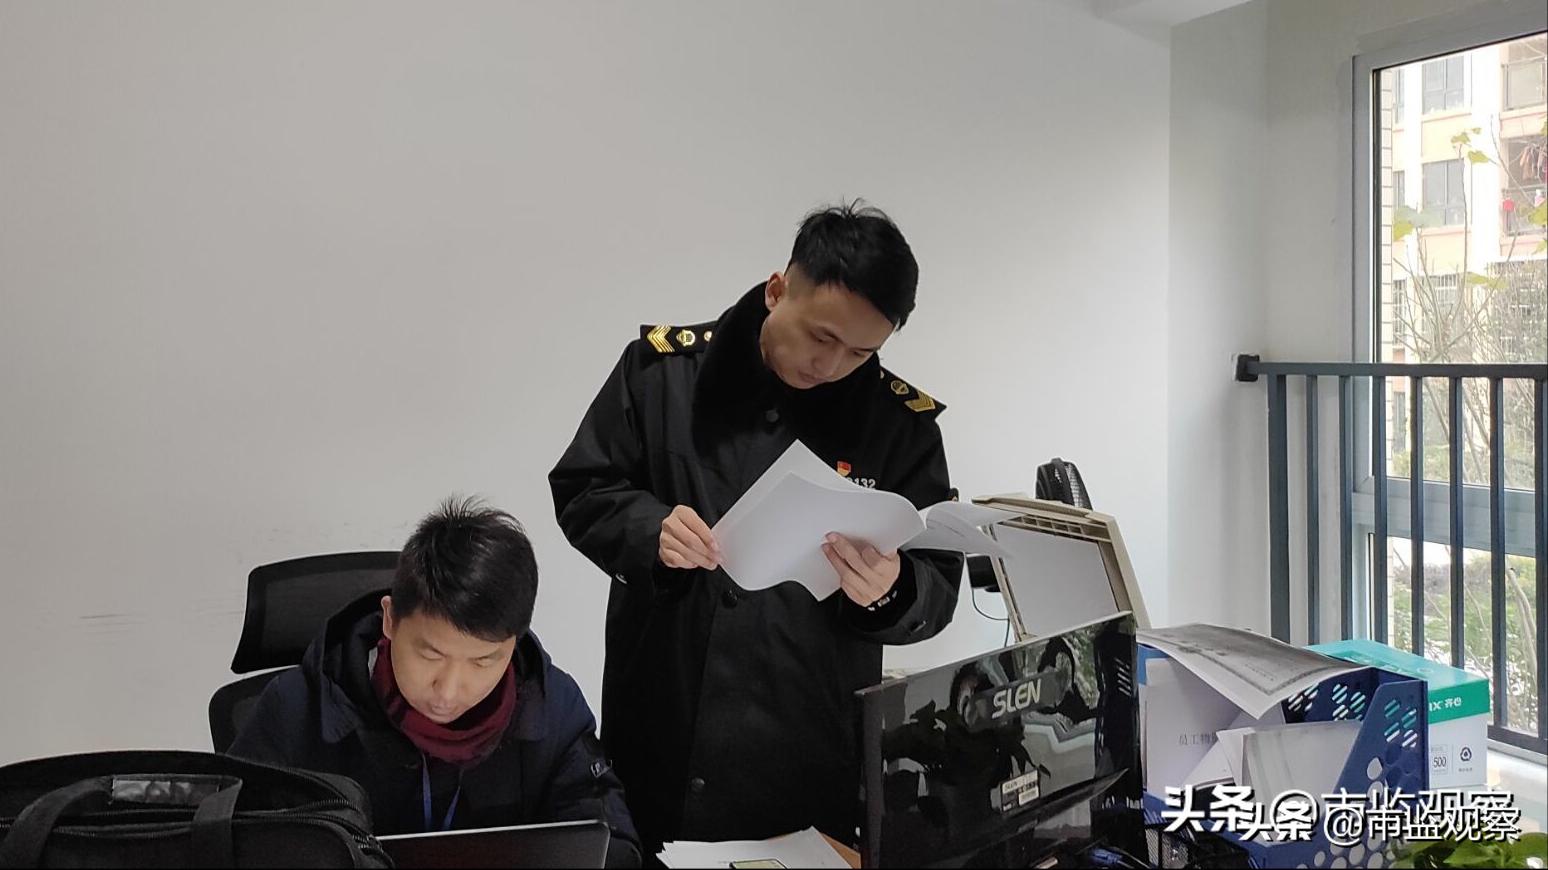 春雷行动2021|夸大广告内容,自贡荣县这家医院被立案调查